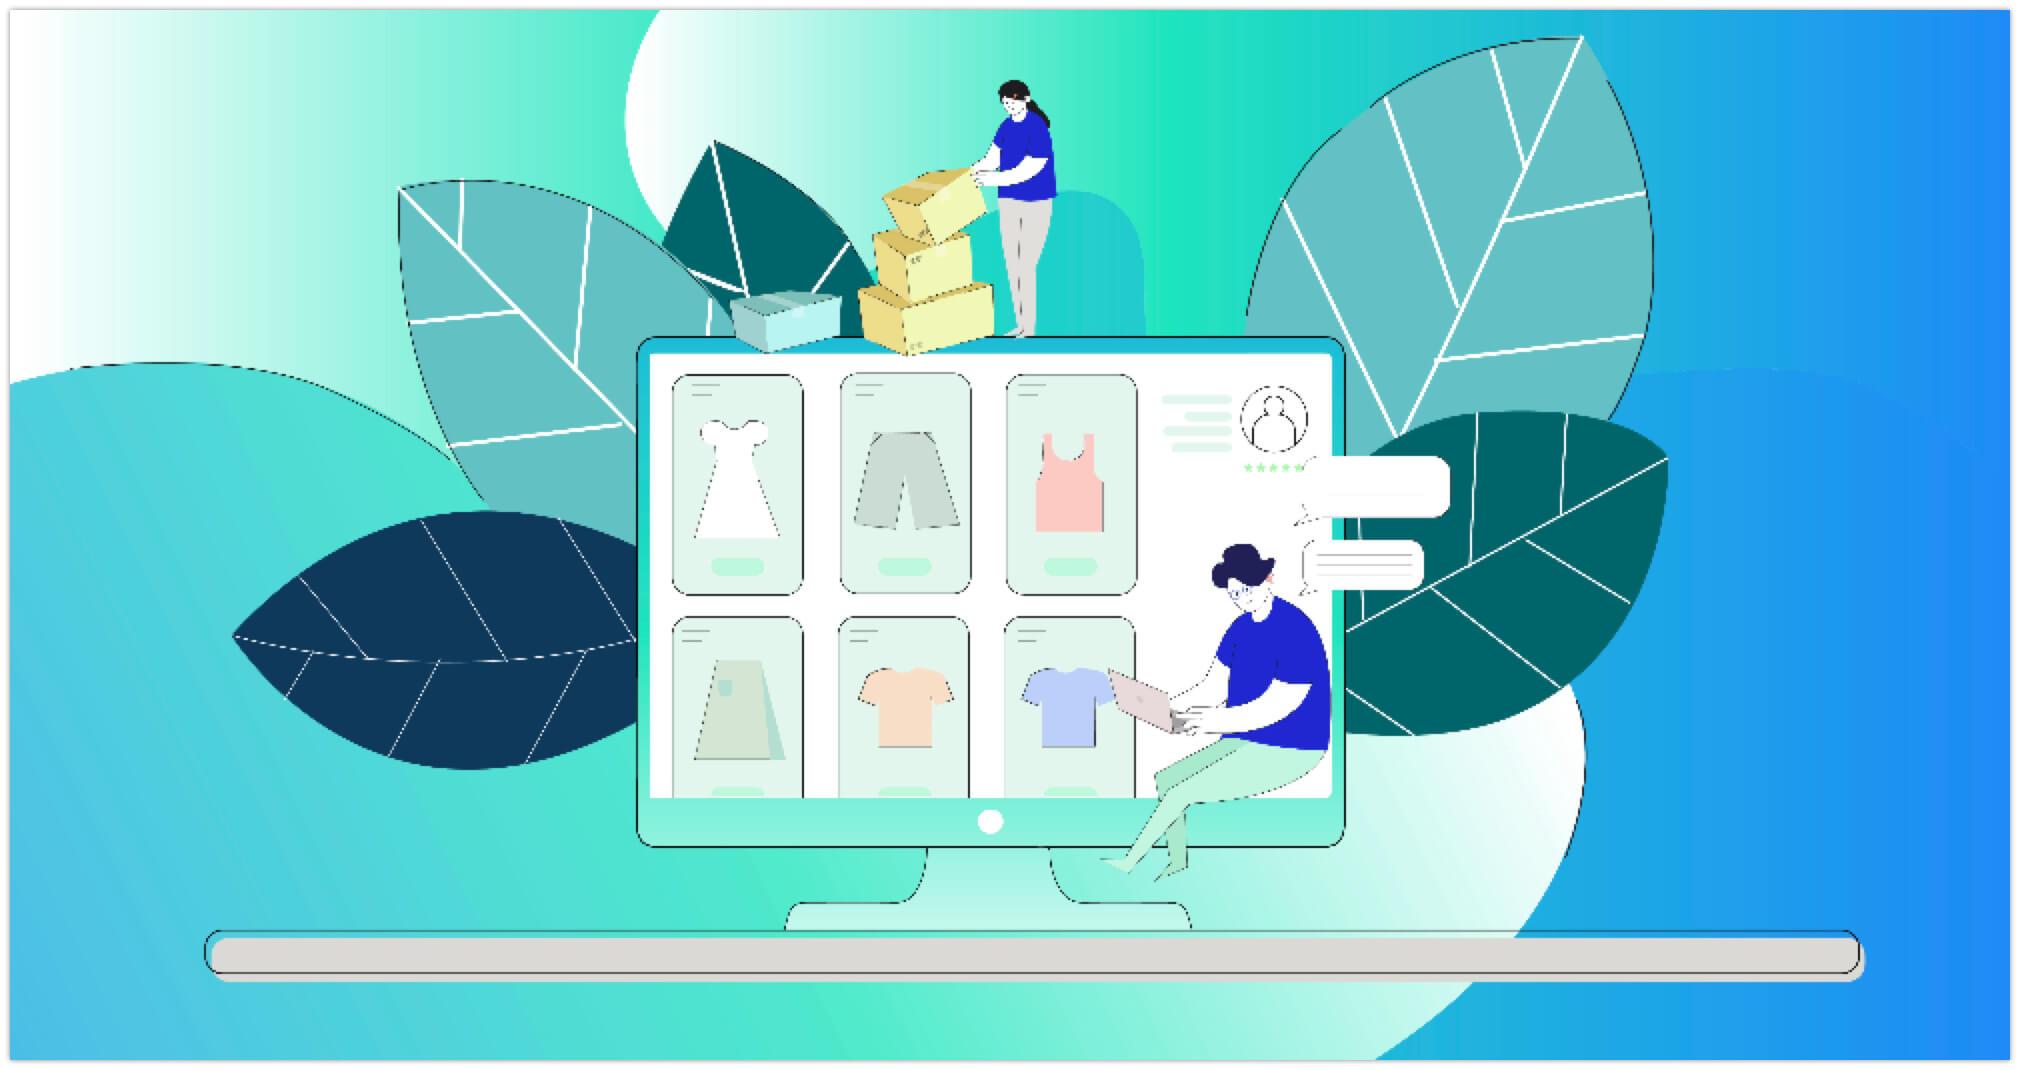 Kinh nghiệm) Bán hàng online 2020: Bán mặt hàng gì, ở đâu hiệu quả